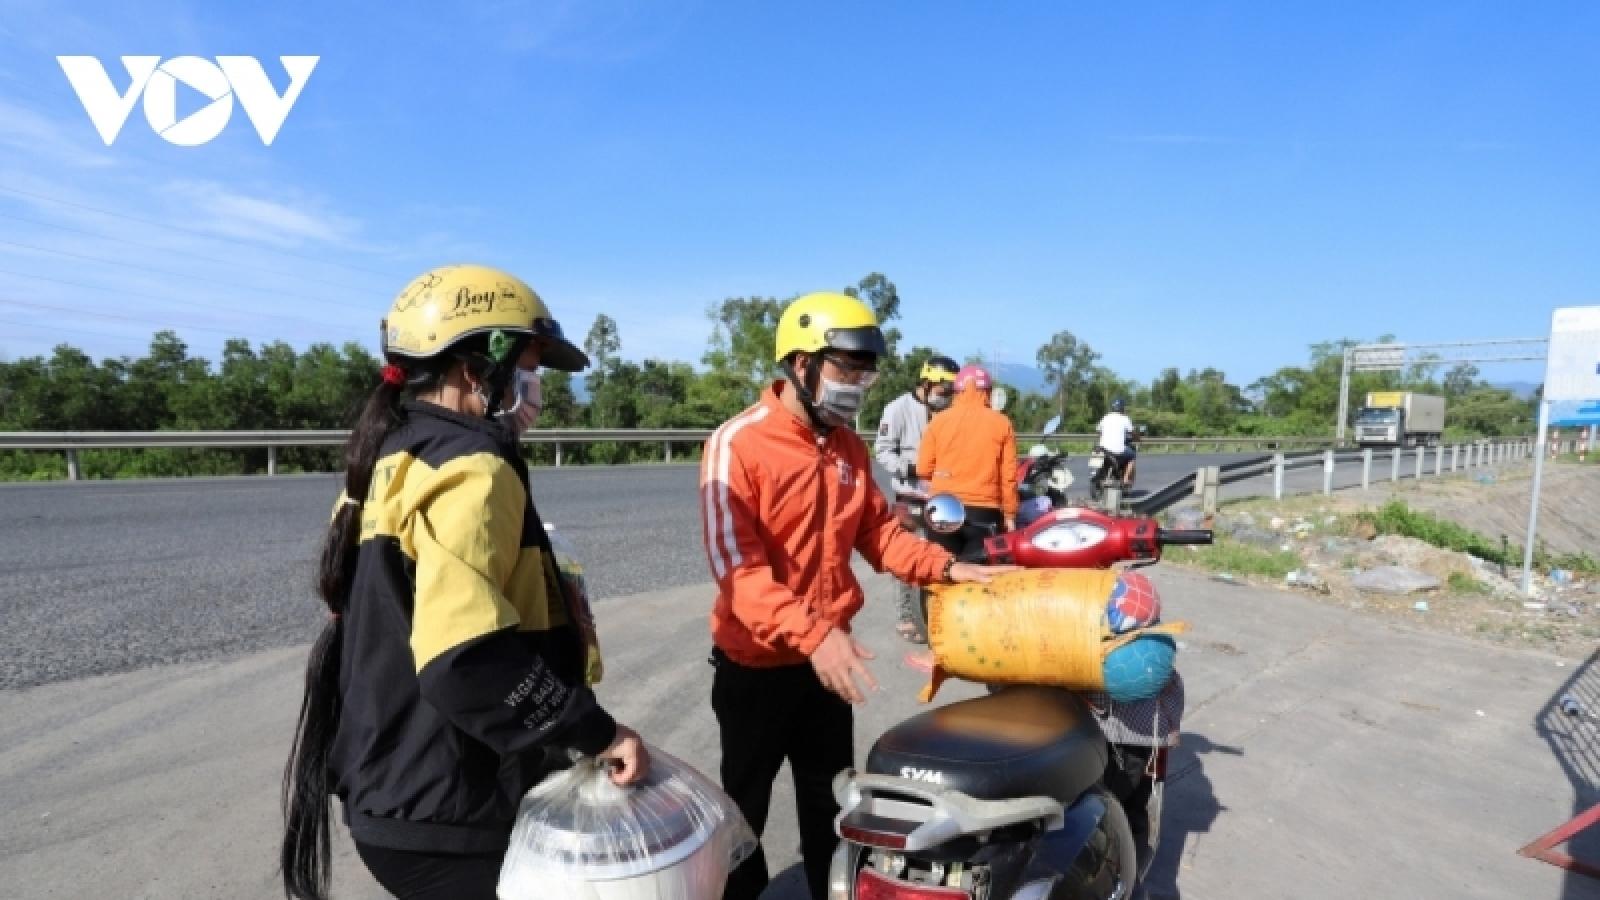 Mở cửa hầm Hải Vân để đoàn xe máy từ các tỉnh phía Nam về quê đi qua